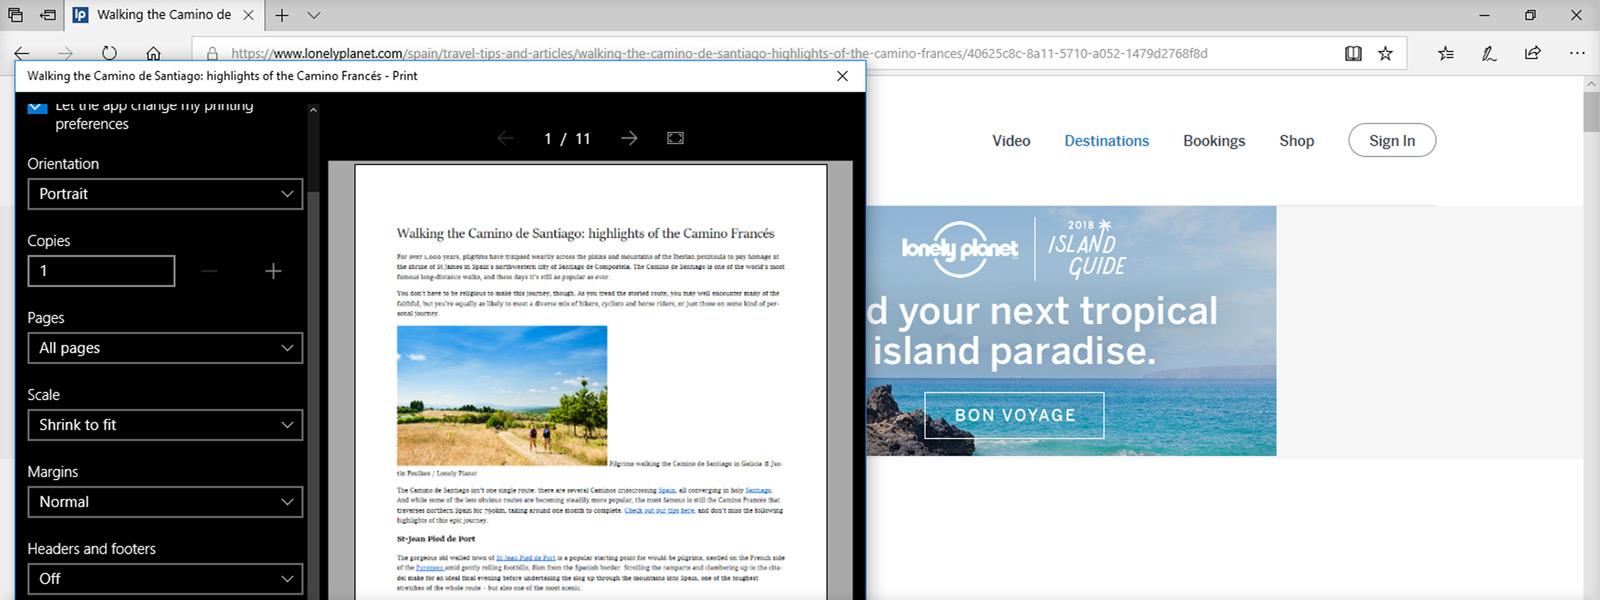 Ảnh chụp màn hình bản xem trước khi in trong Microsoft Edge không hiển thị quảng cáo trên trang web đó